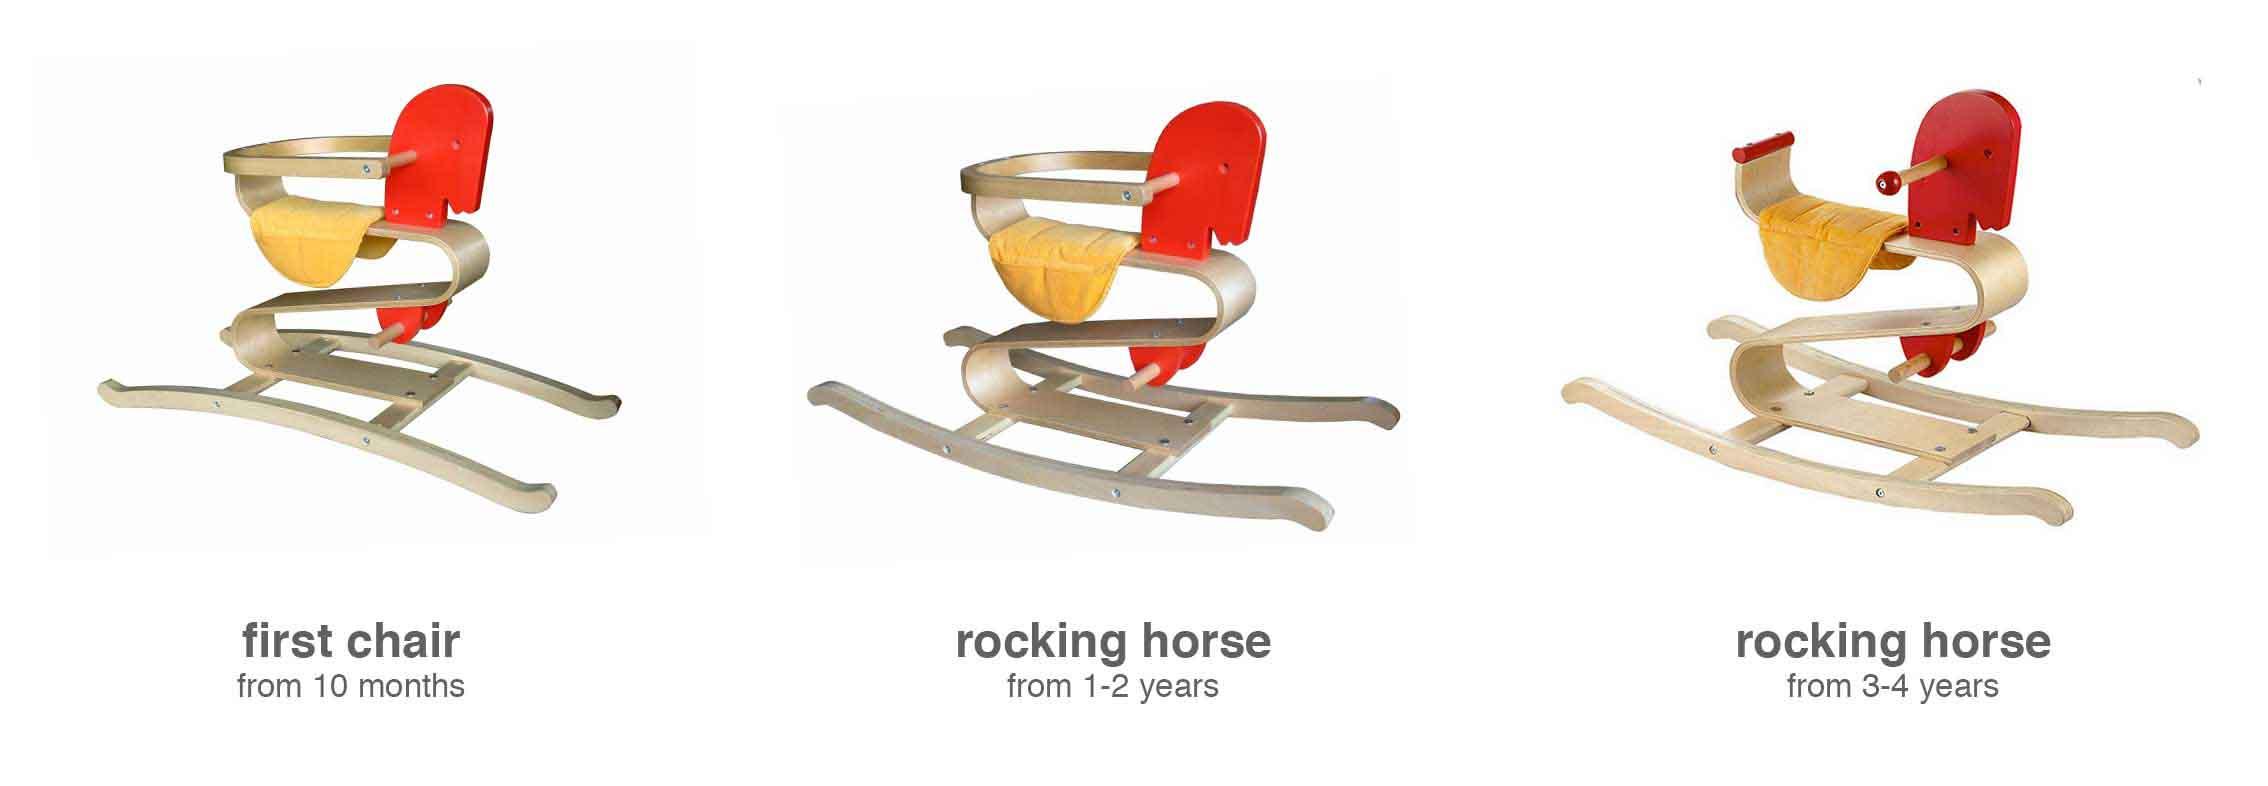 icaro-cavallo-dondolo-innovativo-legno-multistrato